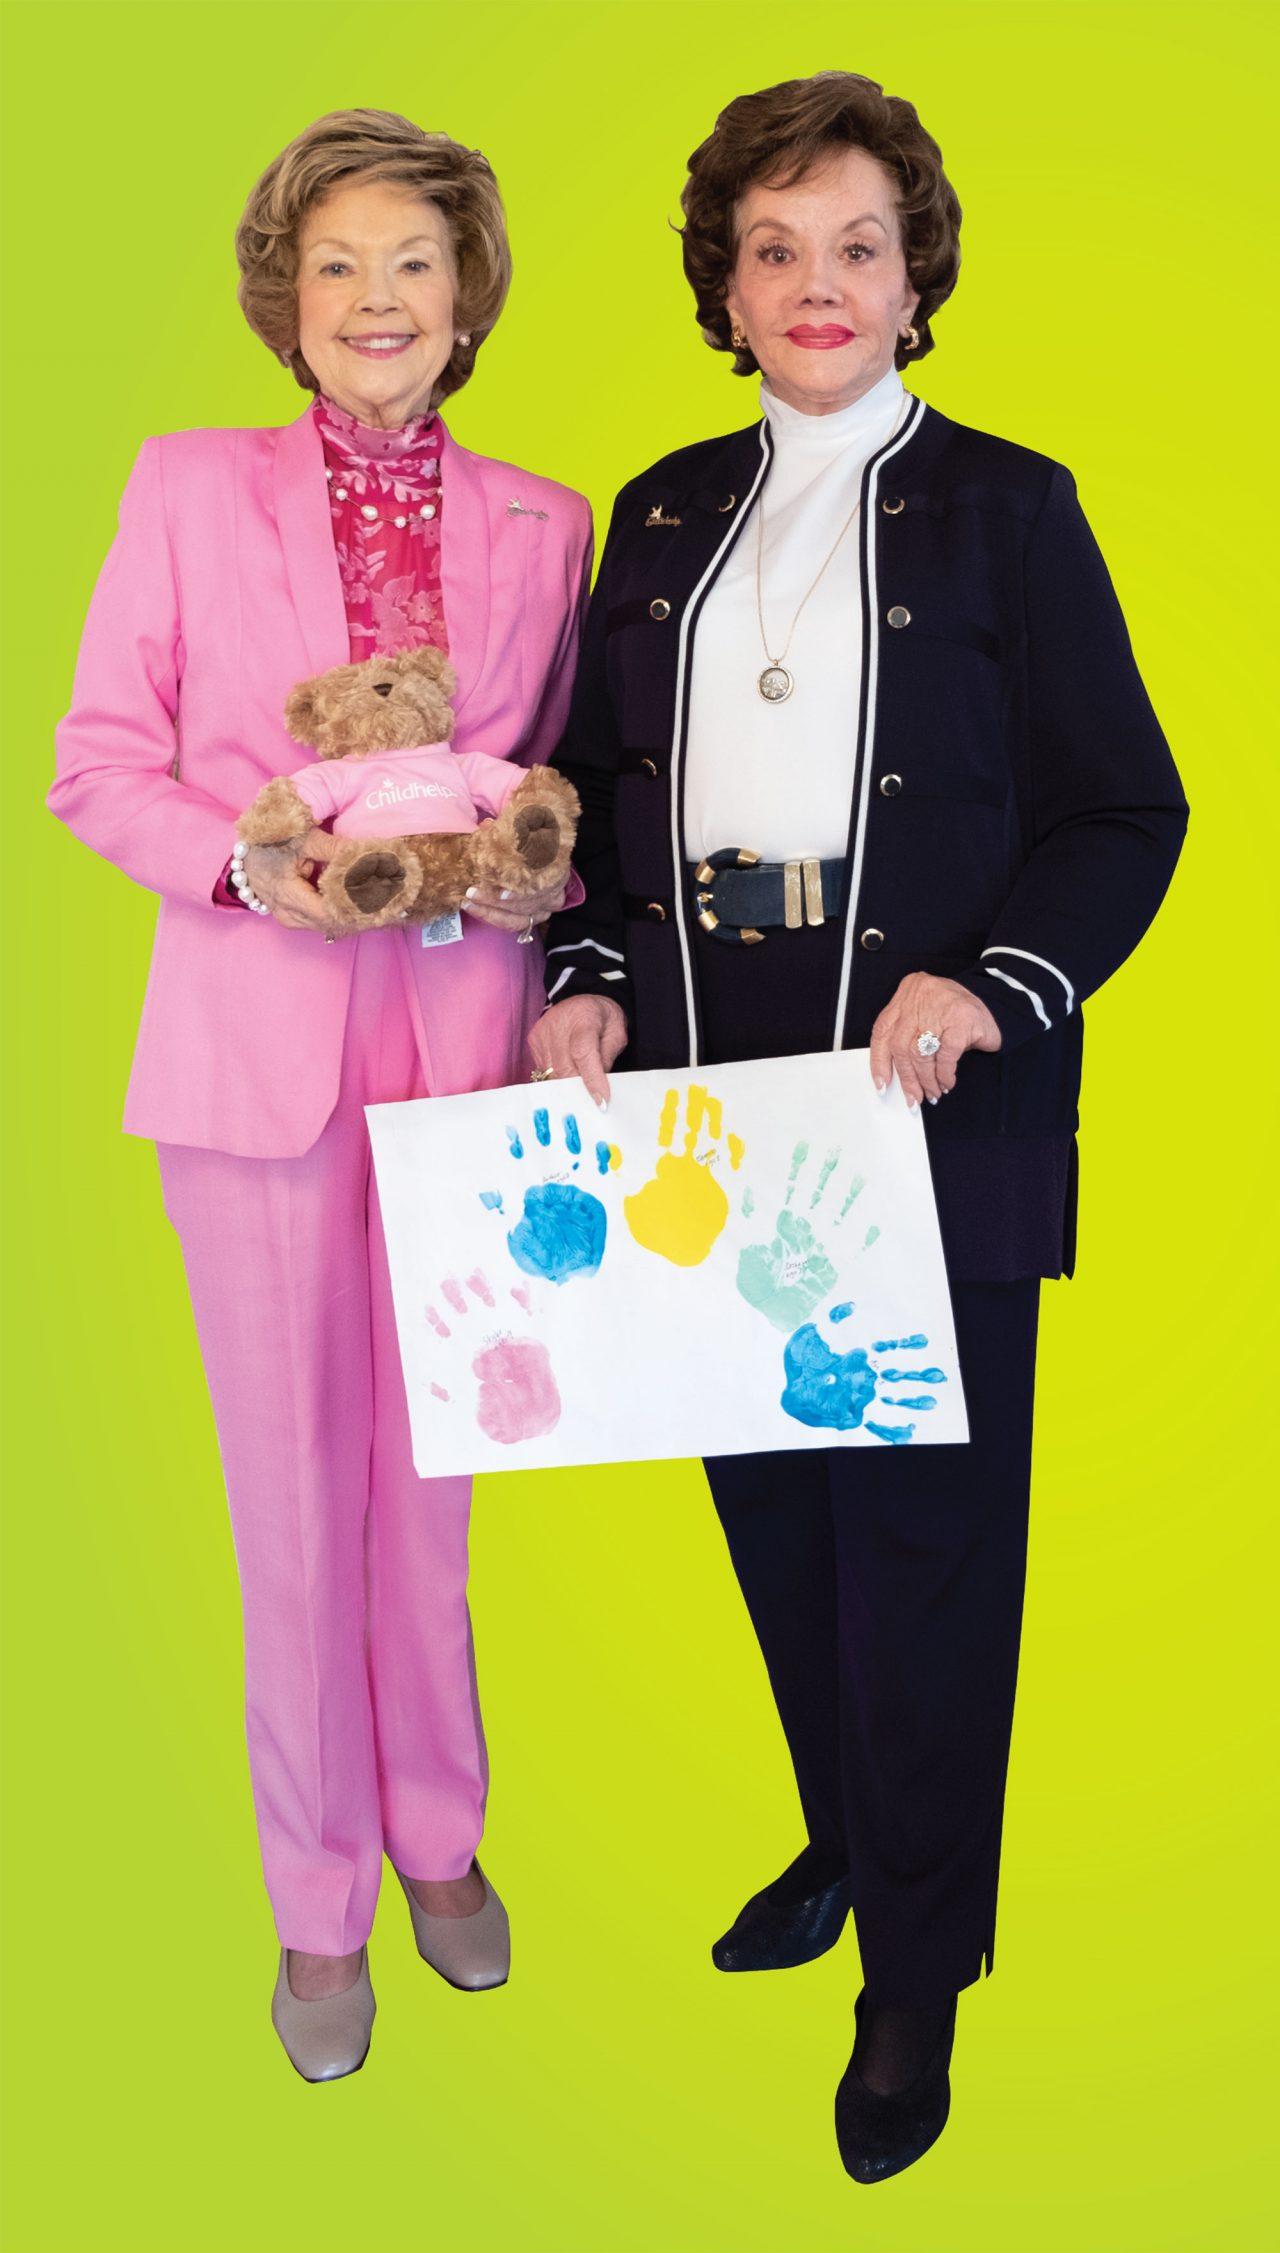 Yvonne Fedderson & Sara O'Meara